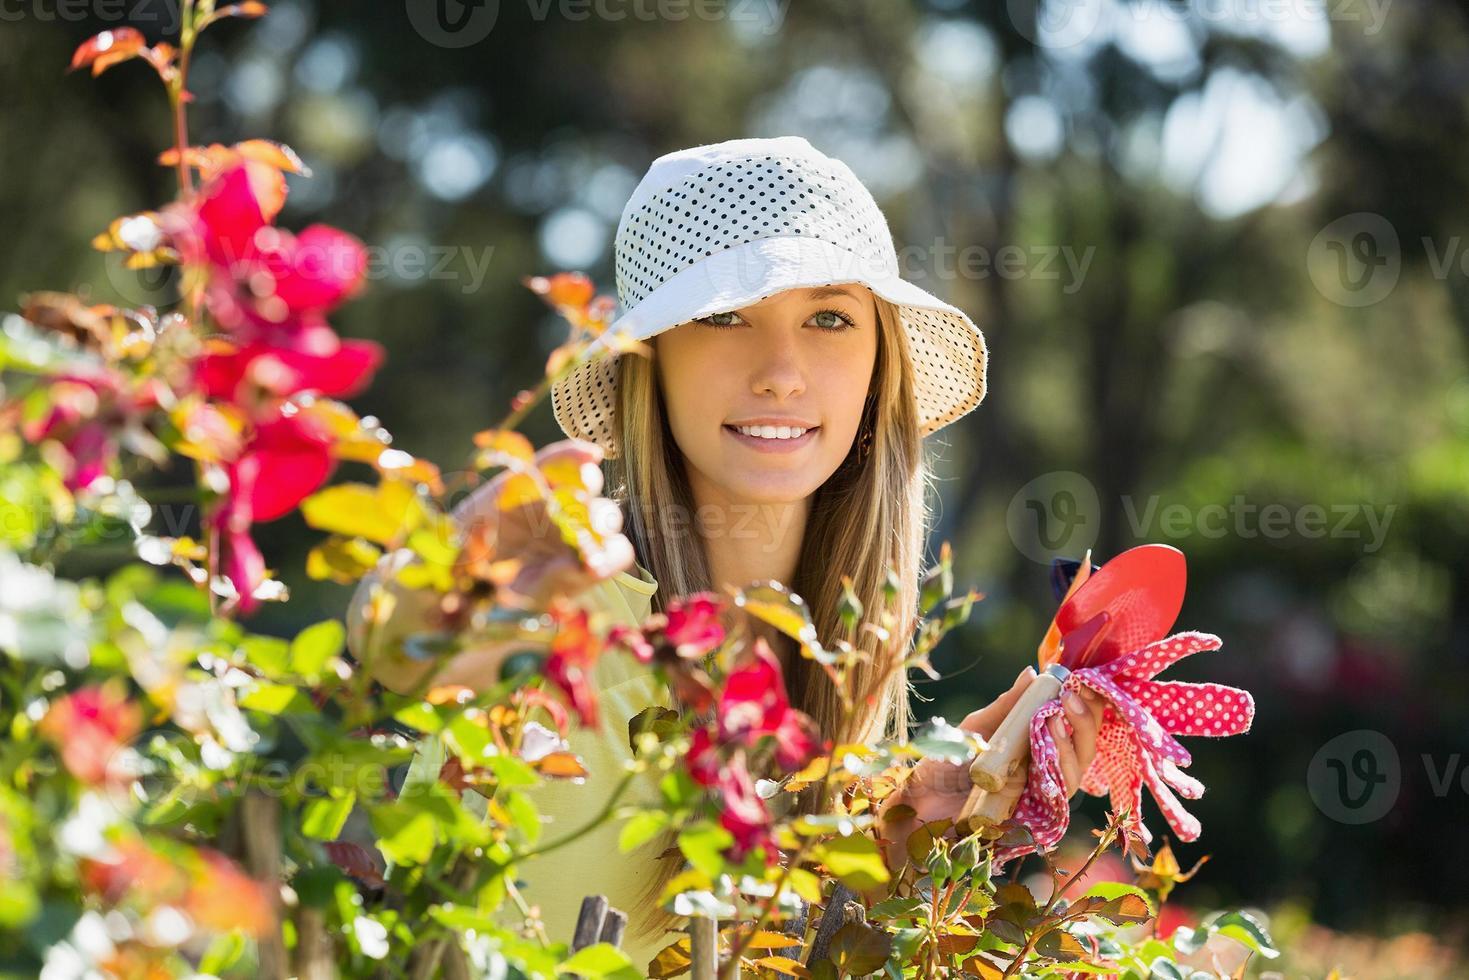 gelukkig vrouwtje in de tuin tuinieren foto